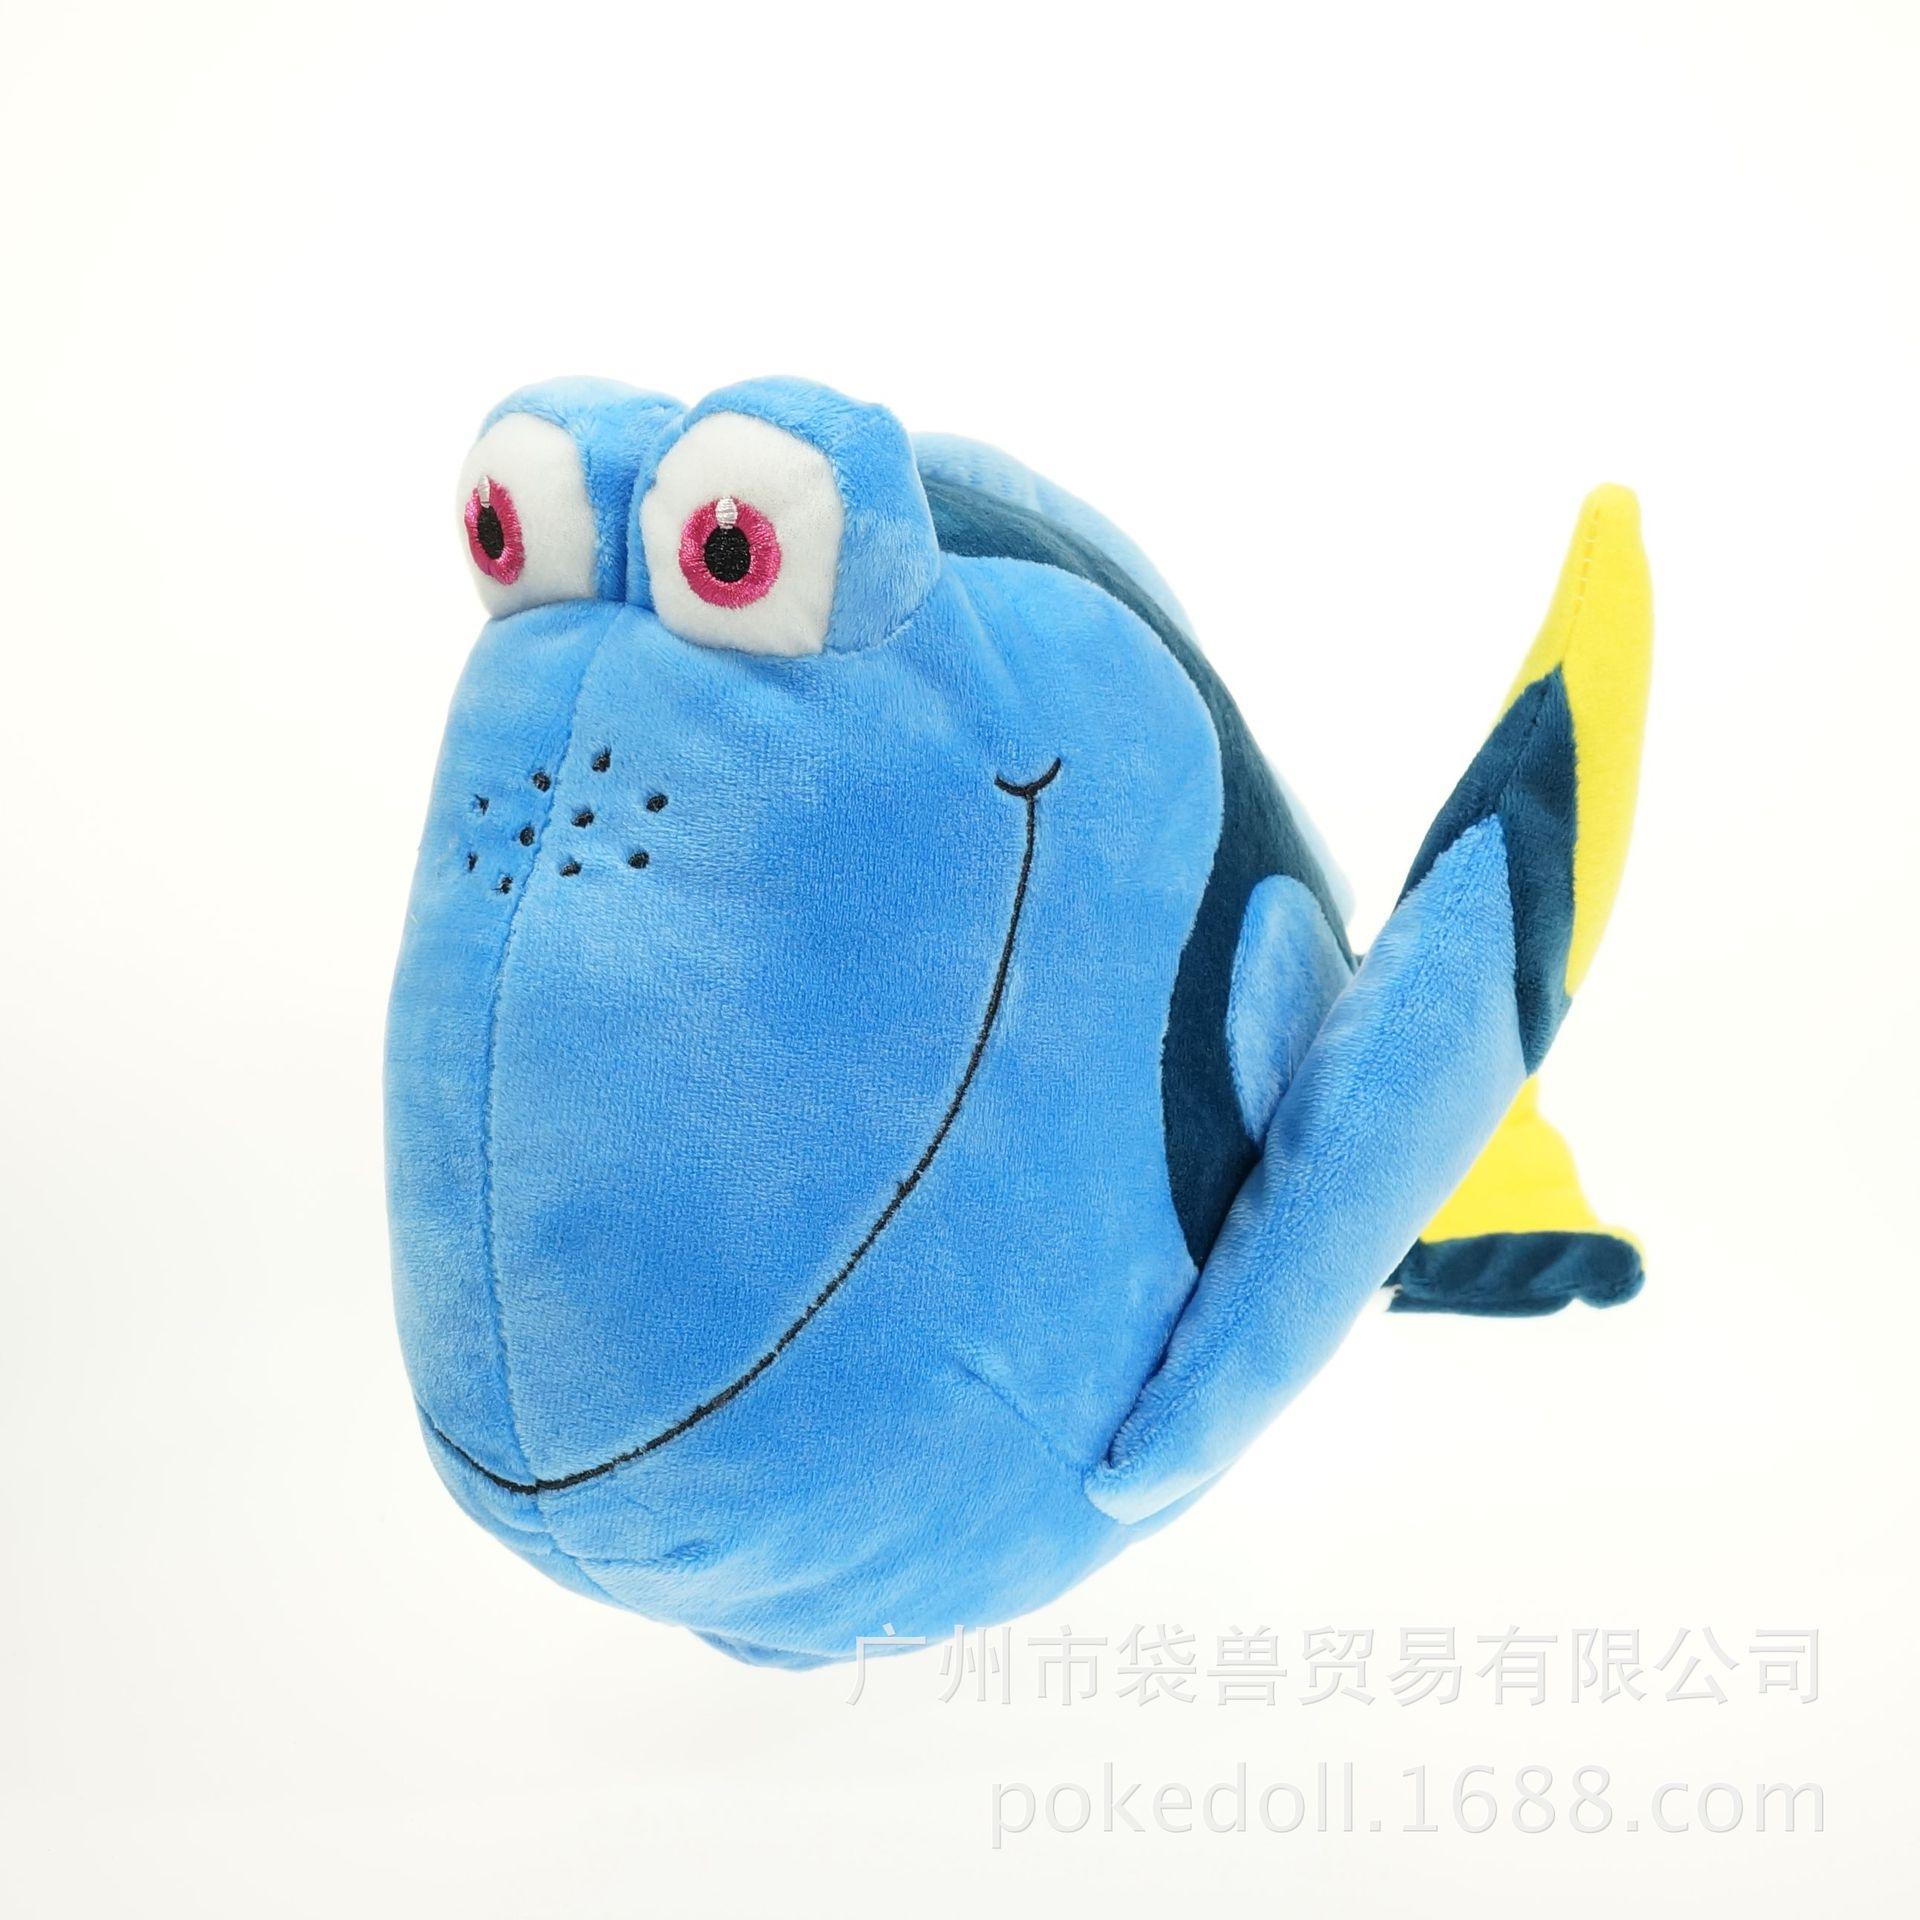 寻找多莉 海底总动员毛绒玩具 公仔 Dory  毛绒公仔 毛绒鱼玩偶